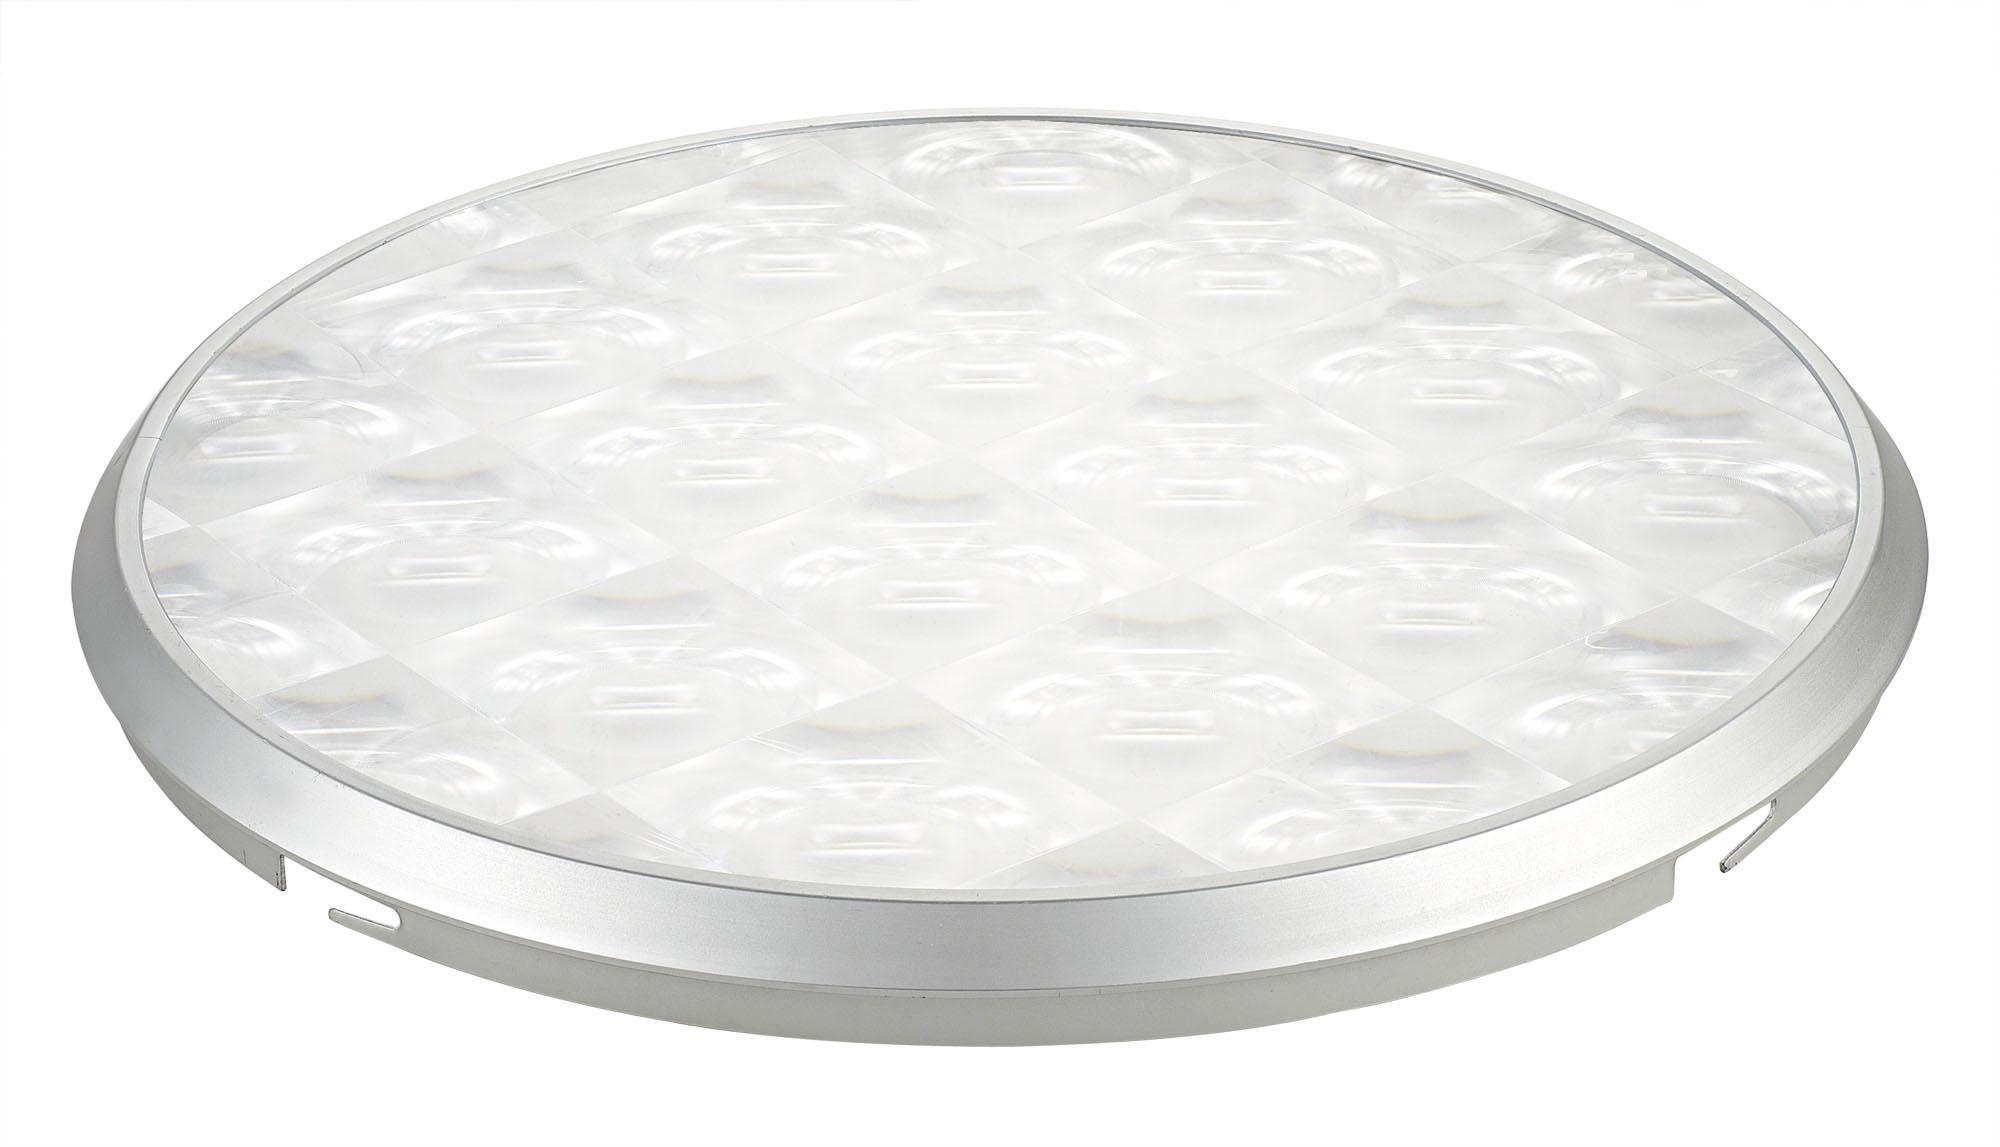 圆形漫射器-光导照明系统